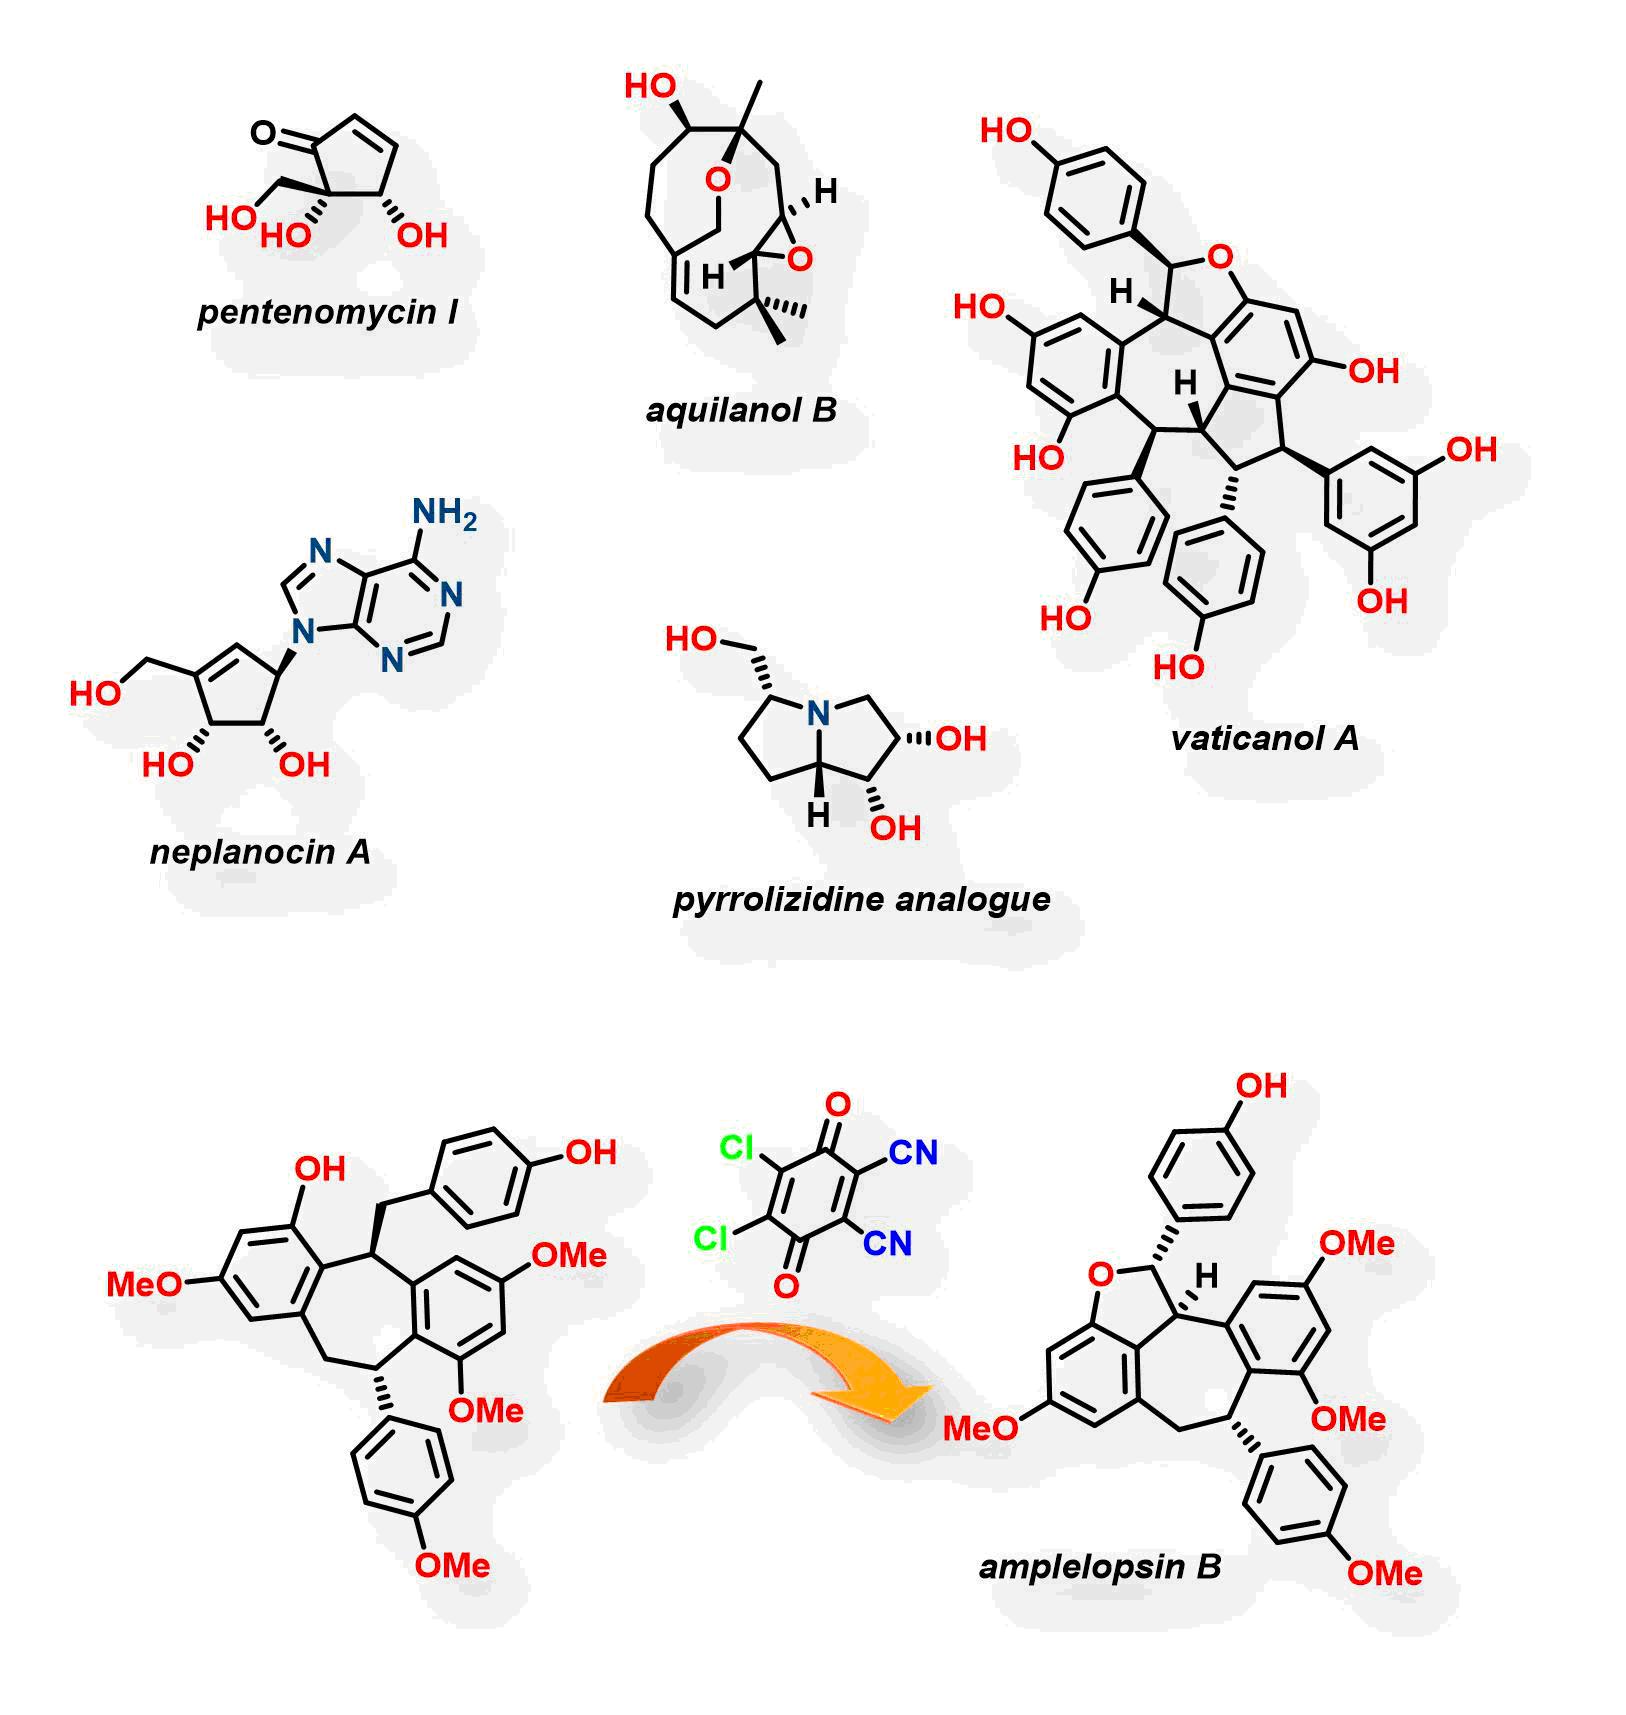 Photo of a molecule